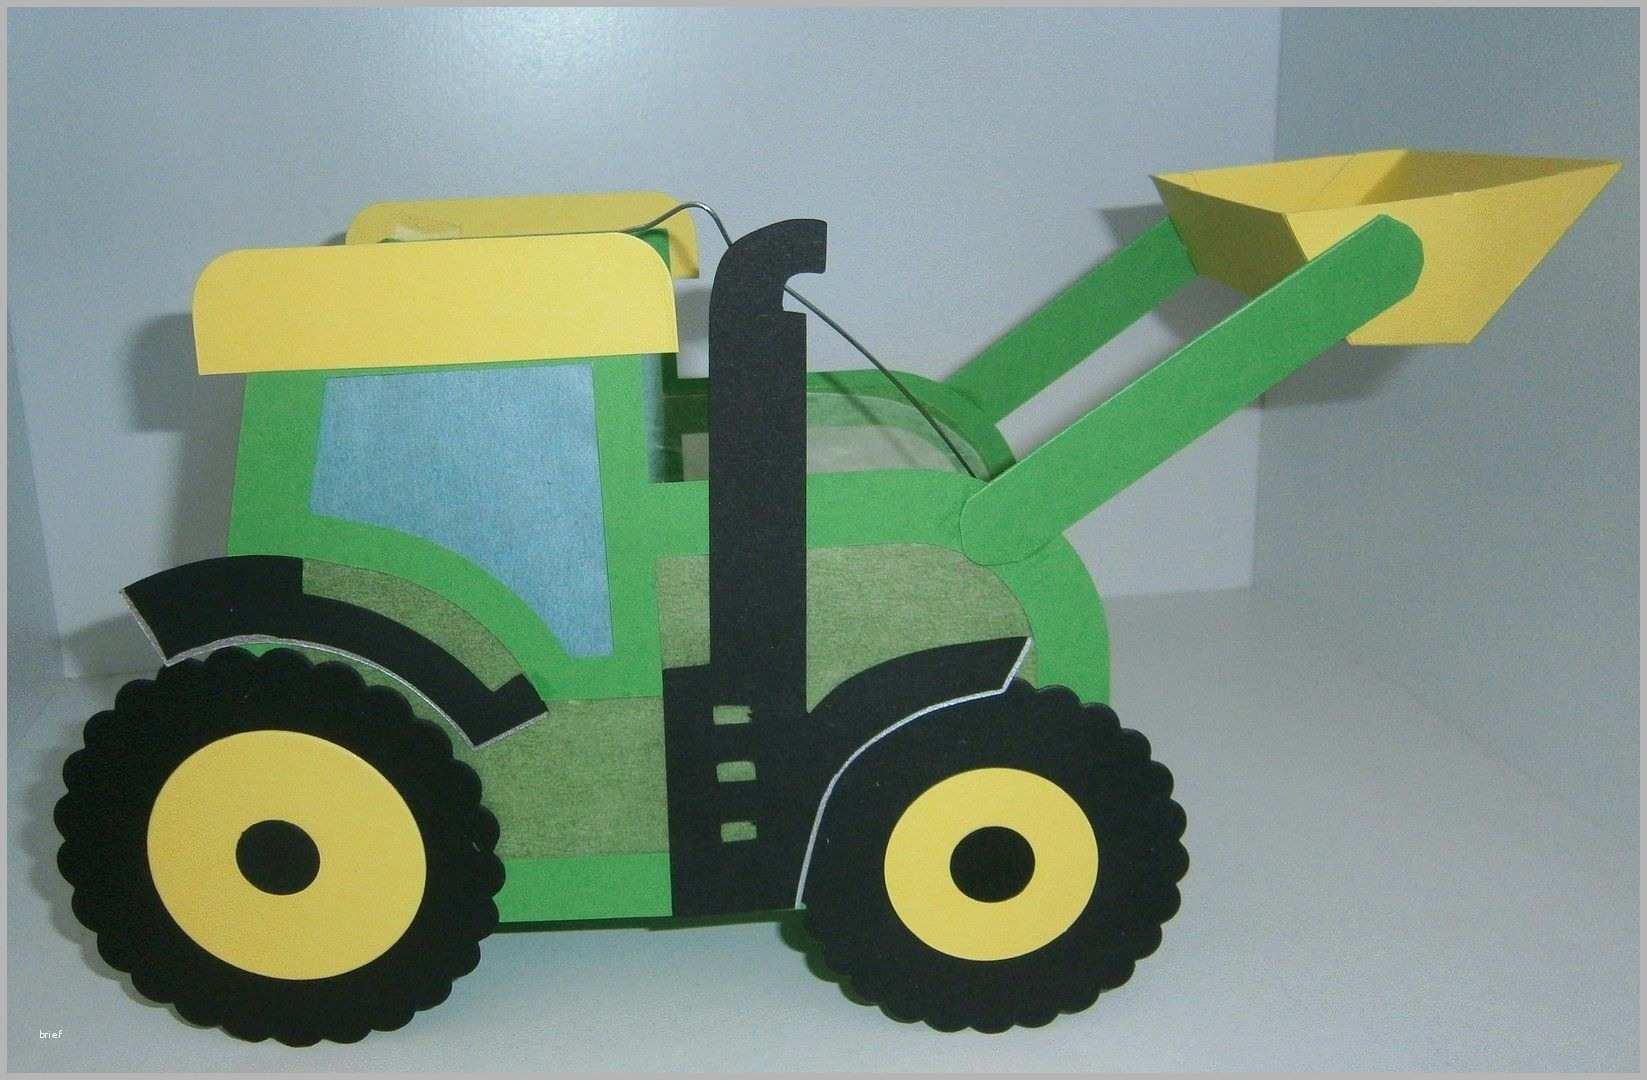 selten laterne traktor john mit schaufel laterne